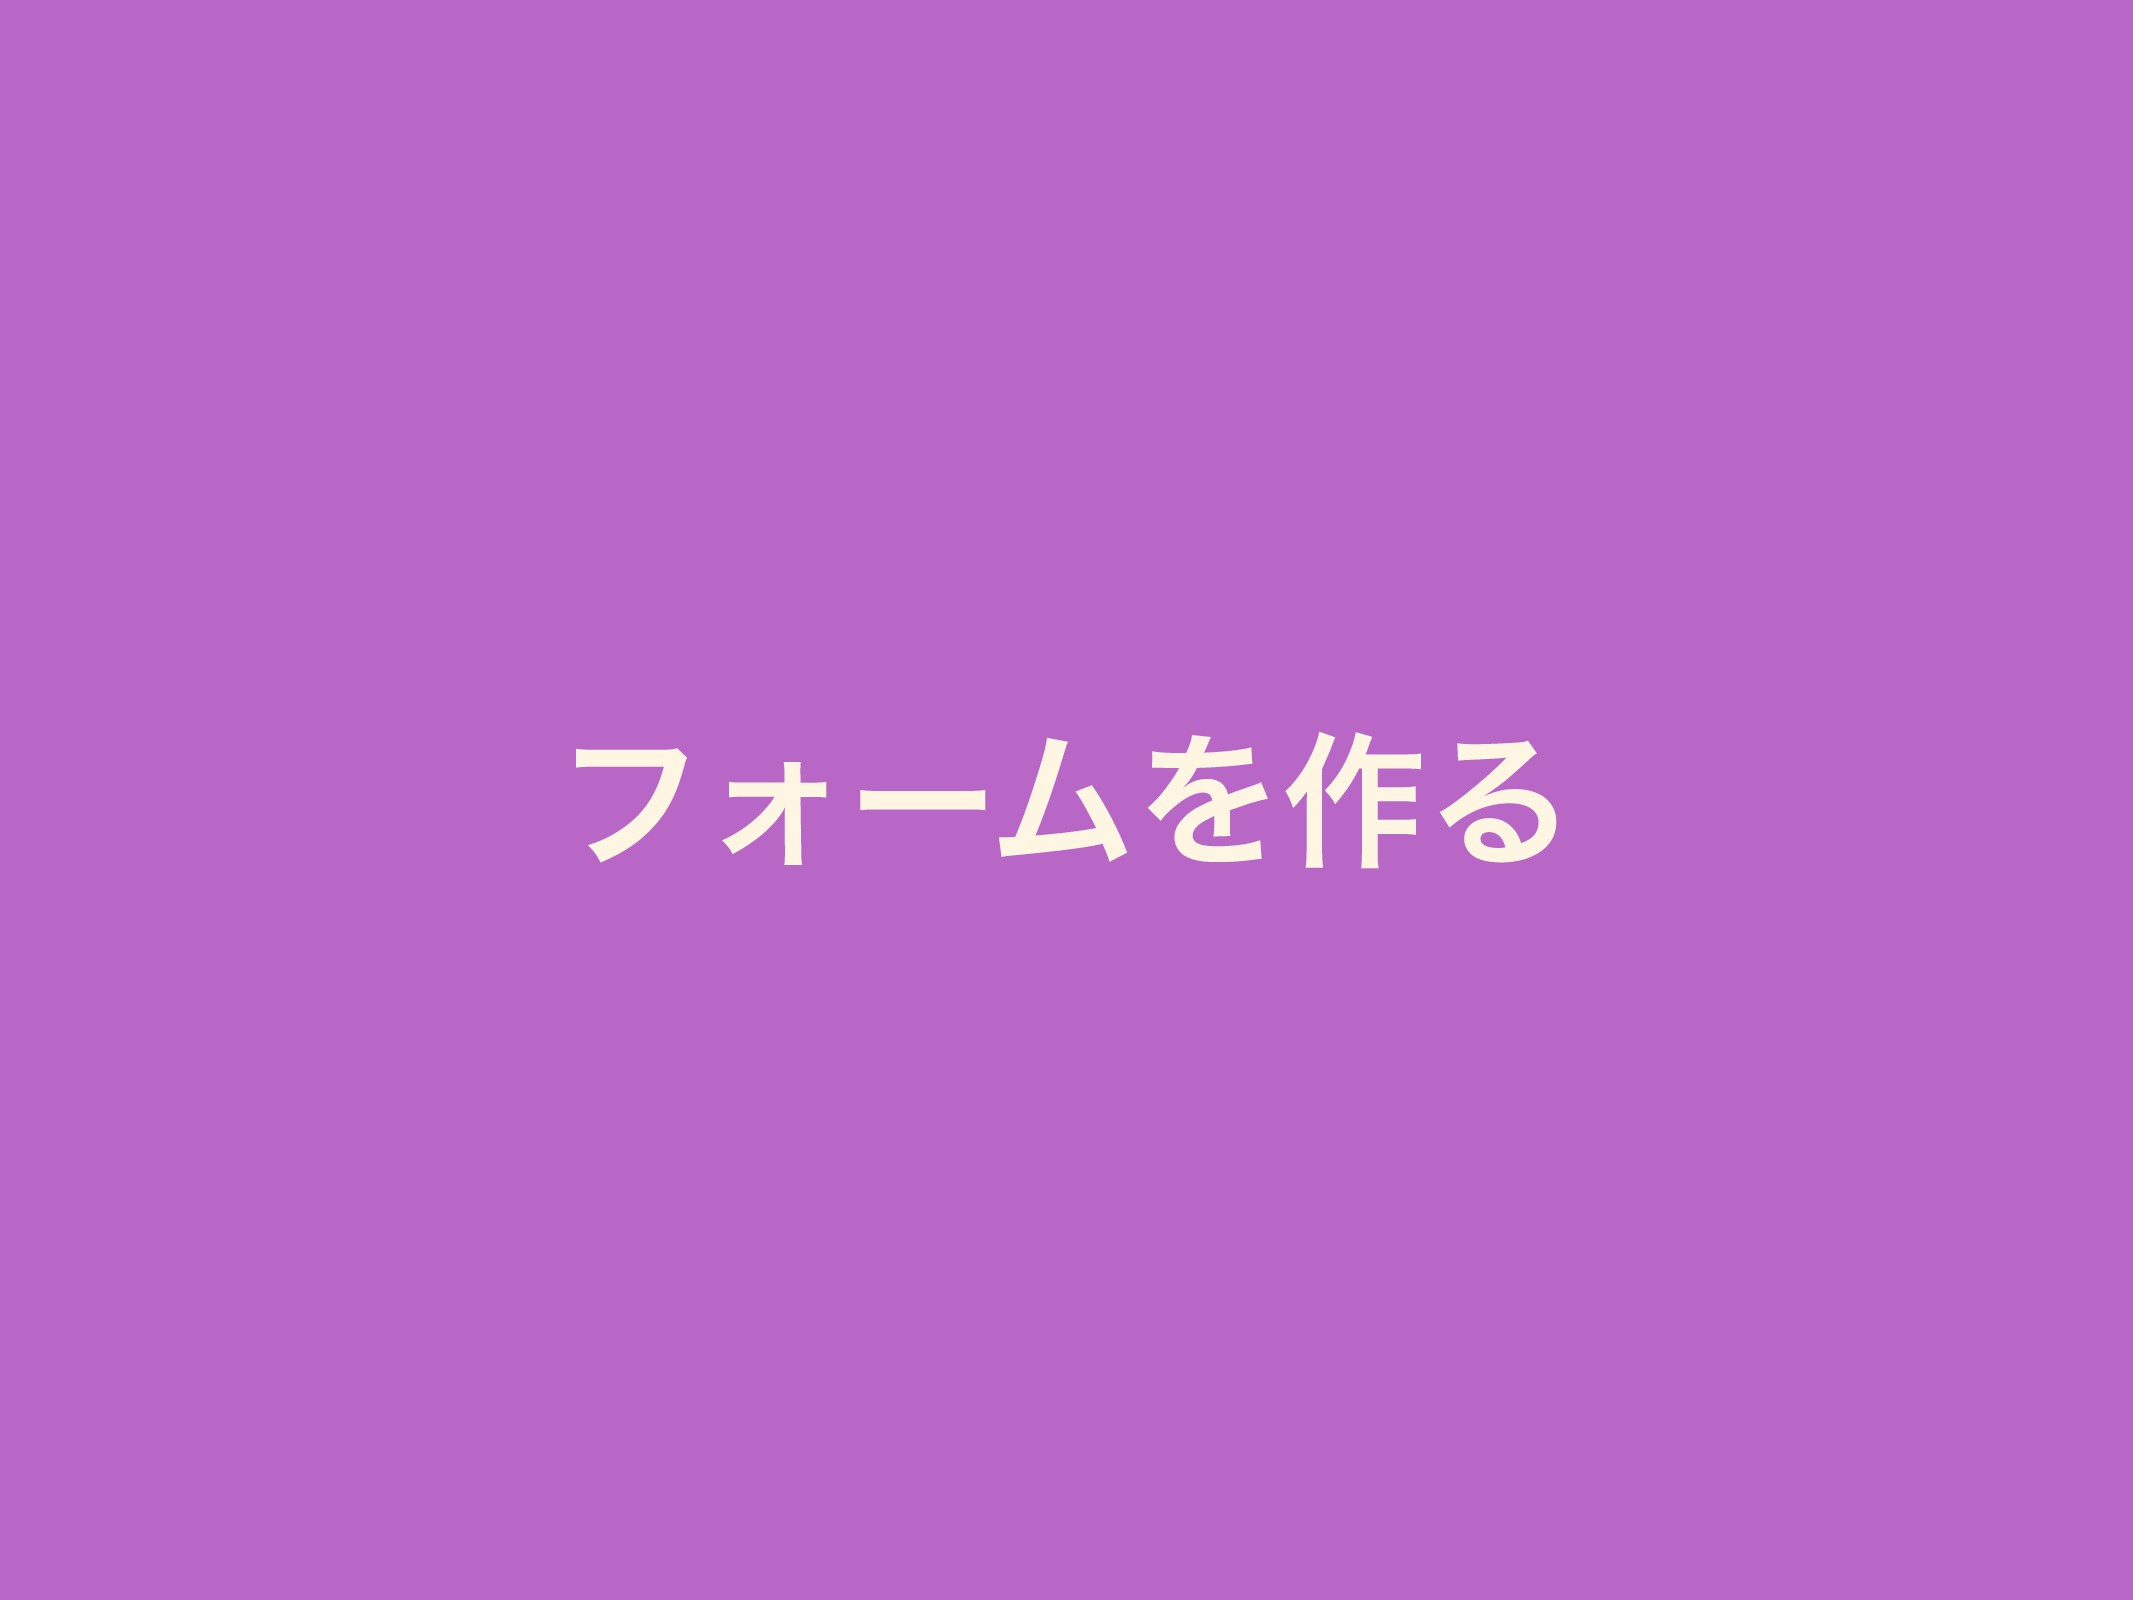 ϑΥʔϜΛ࡞Δ